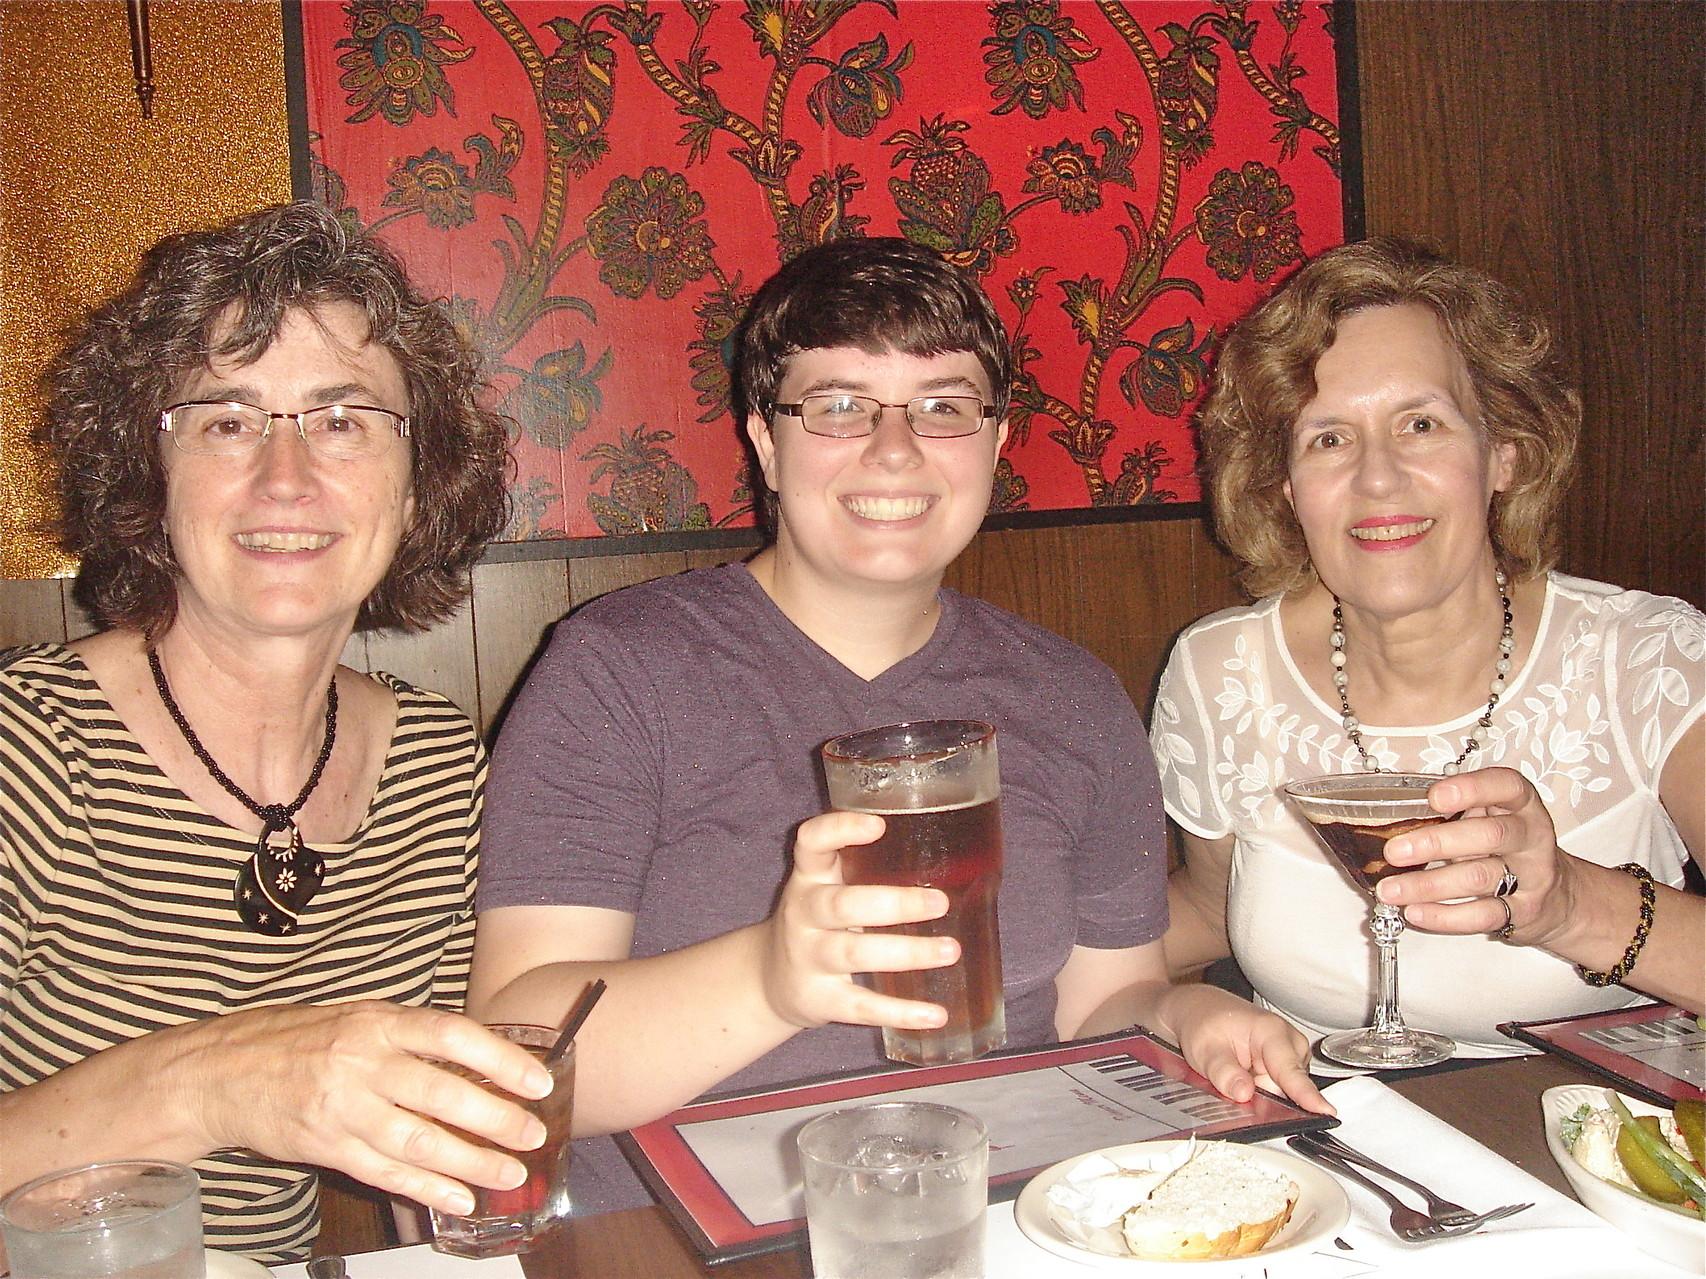 Ann Ackerman, Emilea, & Lorraine Gudas